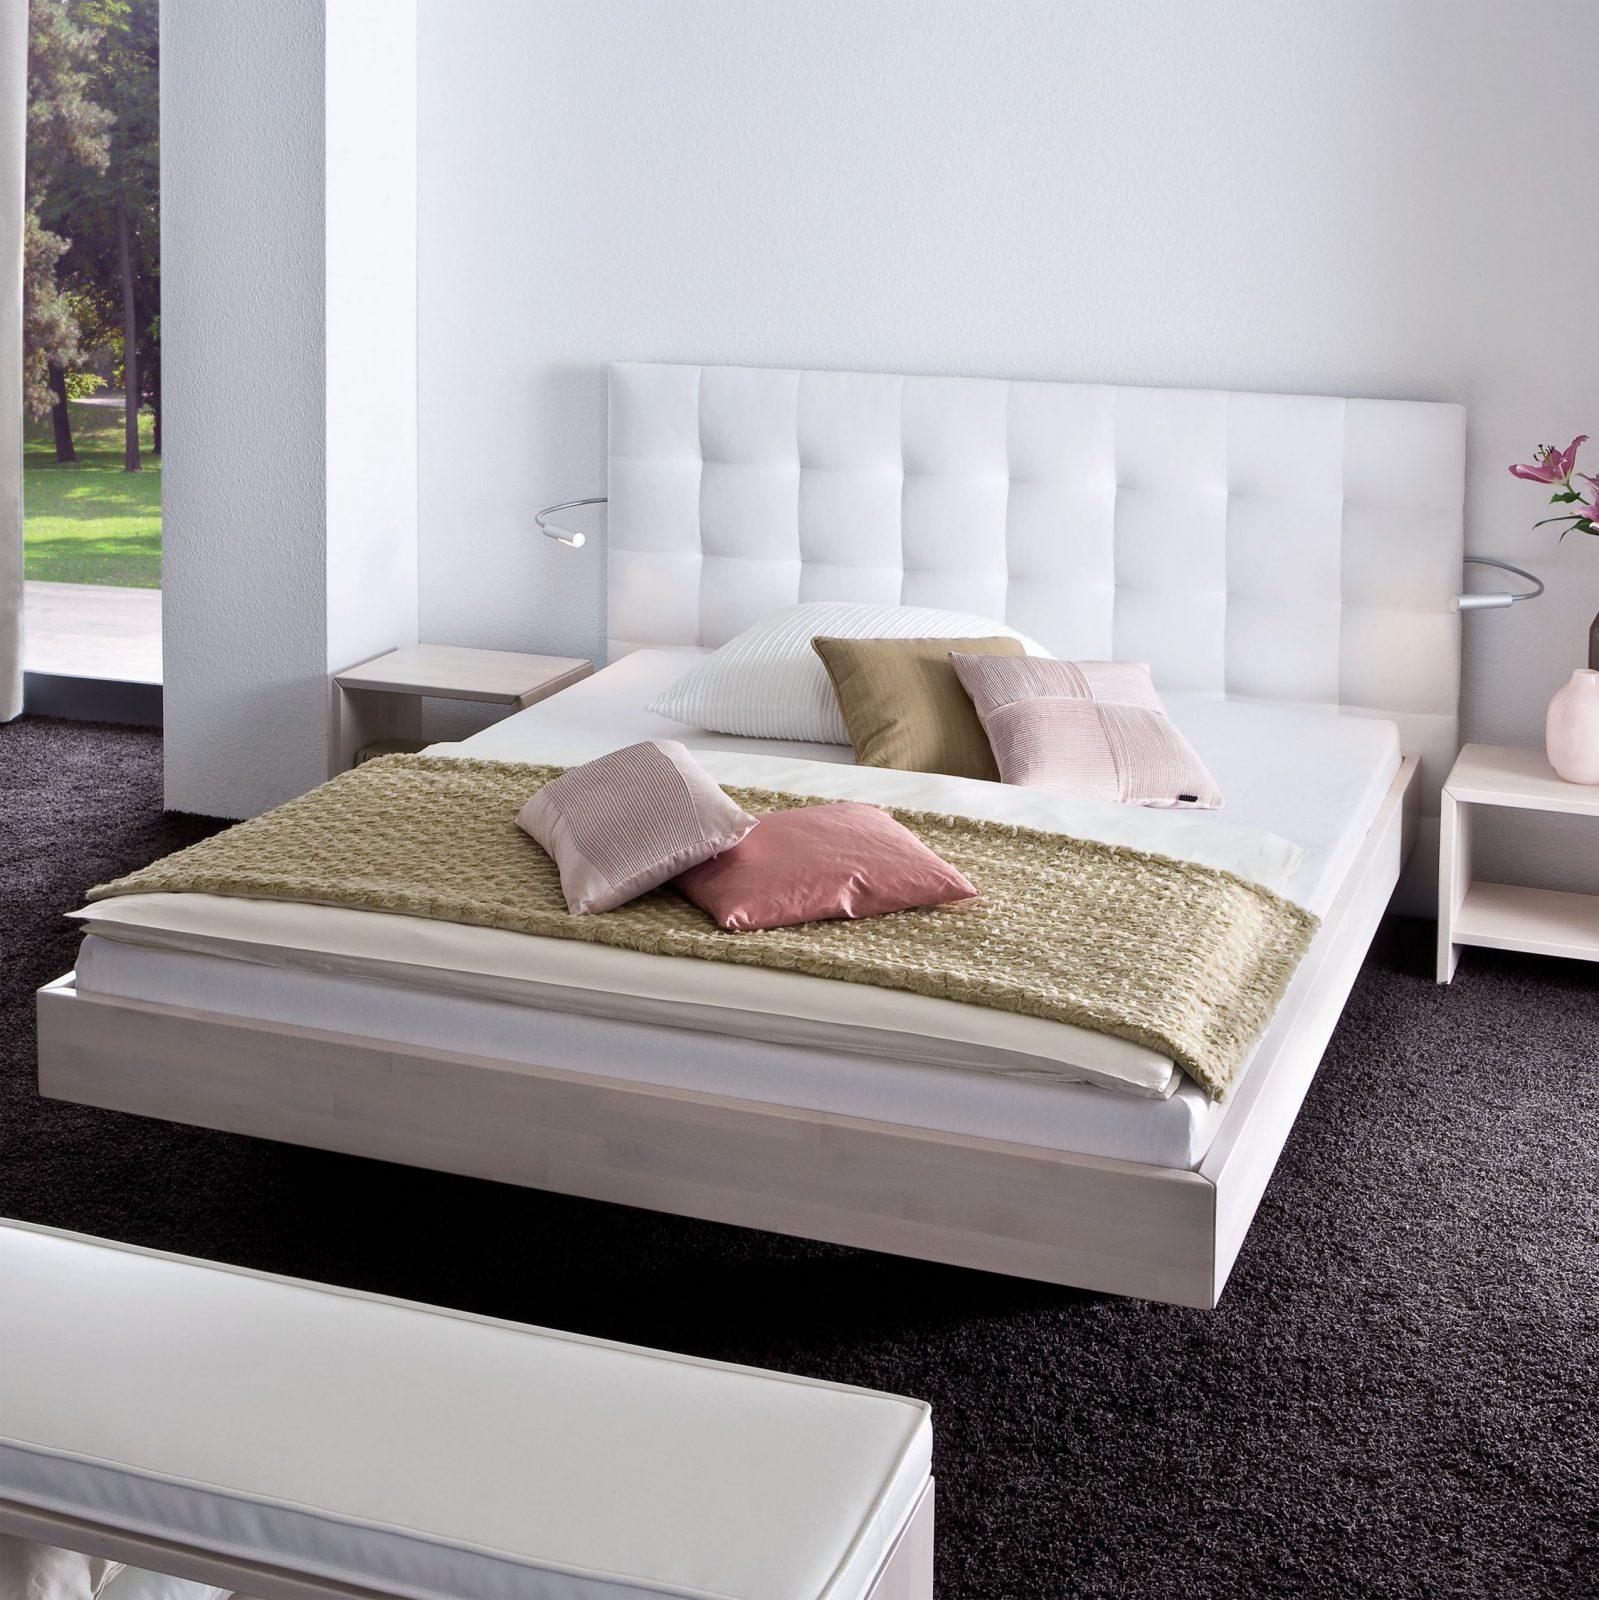 Bett Leder Wei 140X200 Awesome Affordable Billig Bett X Wei Mit von Boxspring Matratze Für Normales Bett Bild